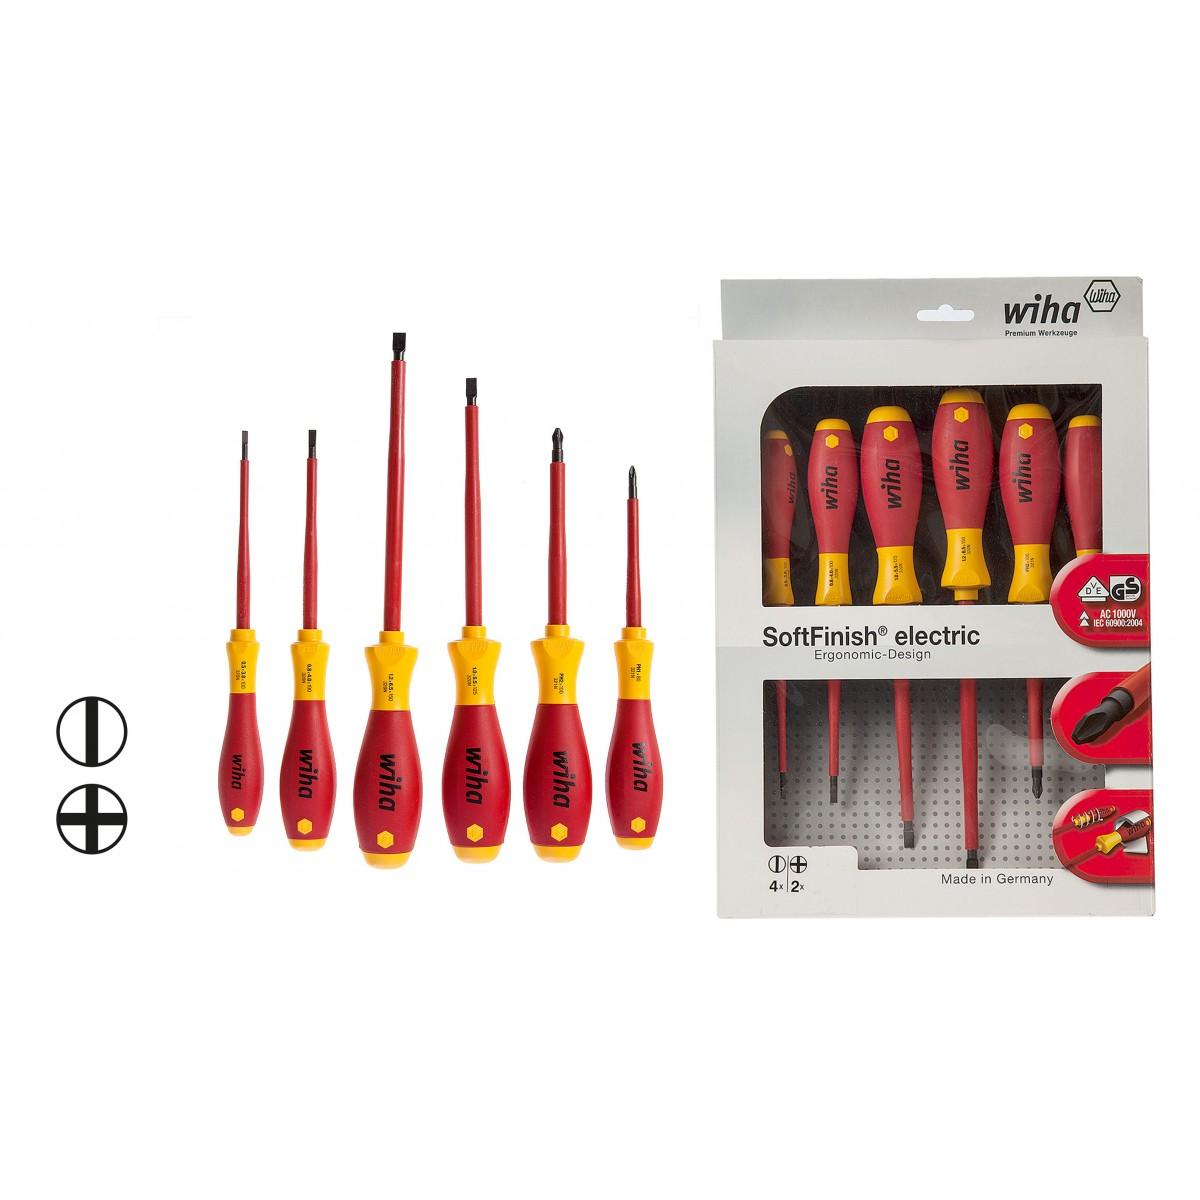 wiha 320nsf k6 softfinish electric slotted phillips screwdriver set 00833 vde screwdrivers. Black Bedroom Furniture Sets. Home Design Ideas